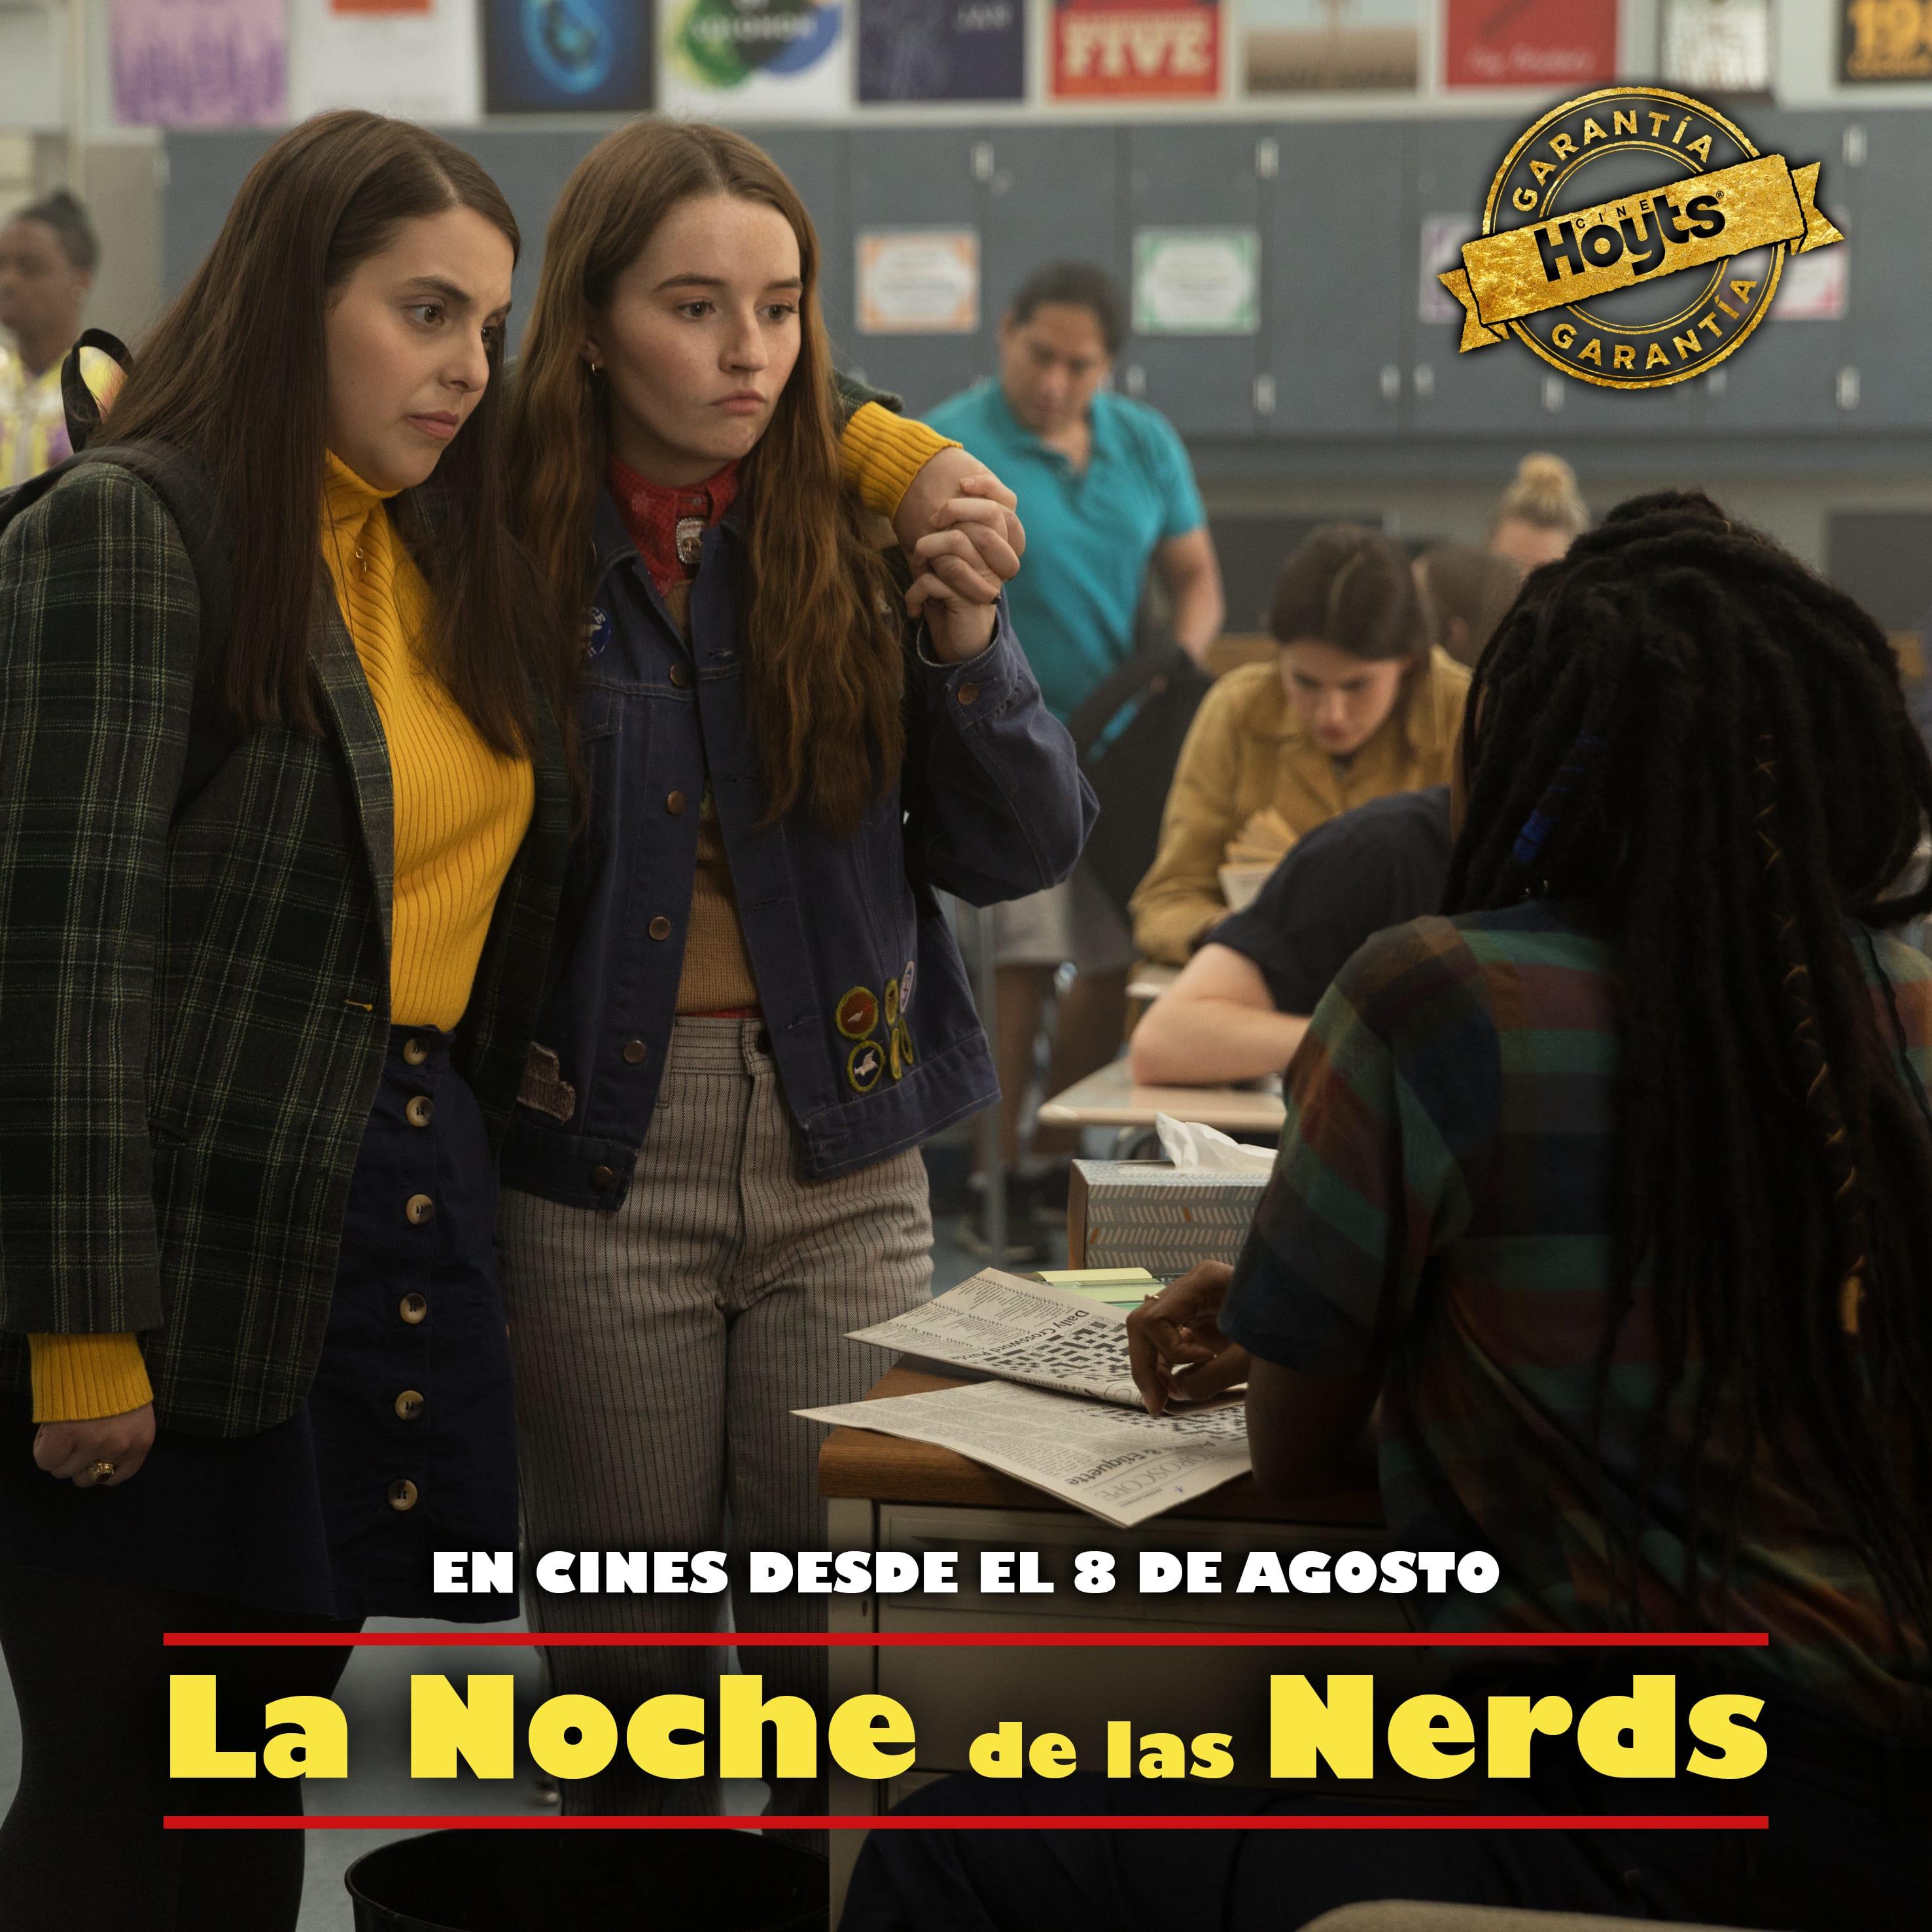 LA NOCHE DE LAS NERDS Contenido especial 3 | Garantía Cinépolis